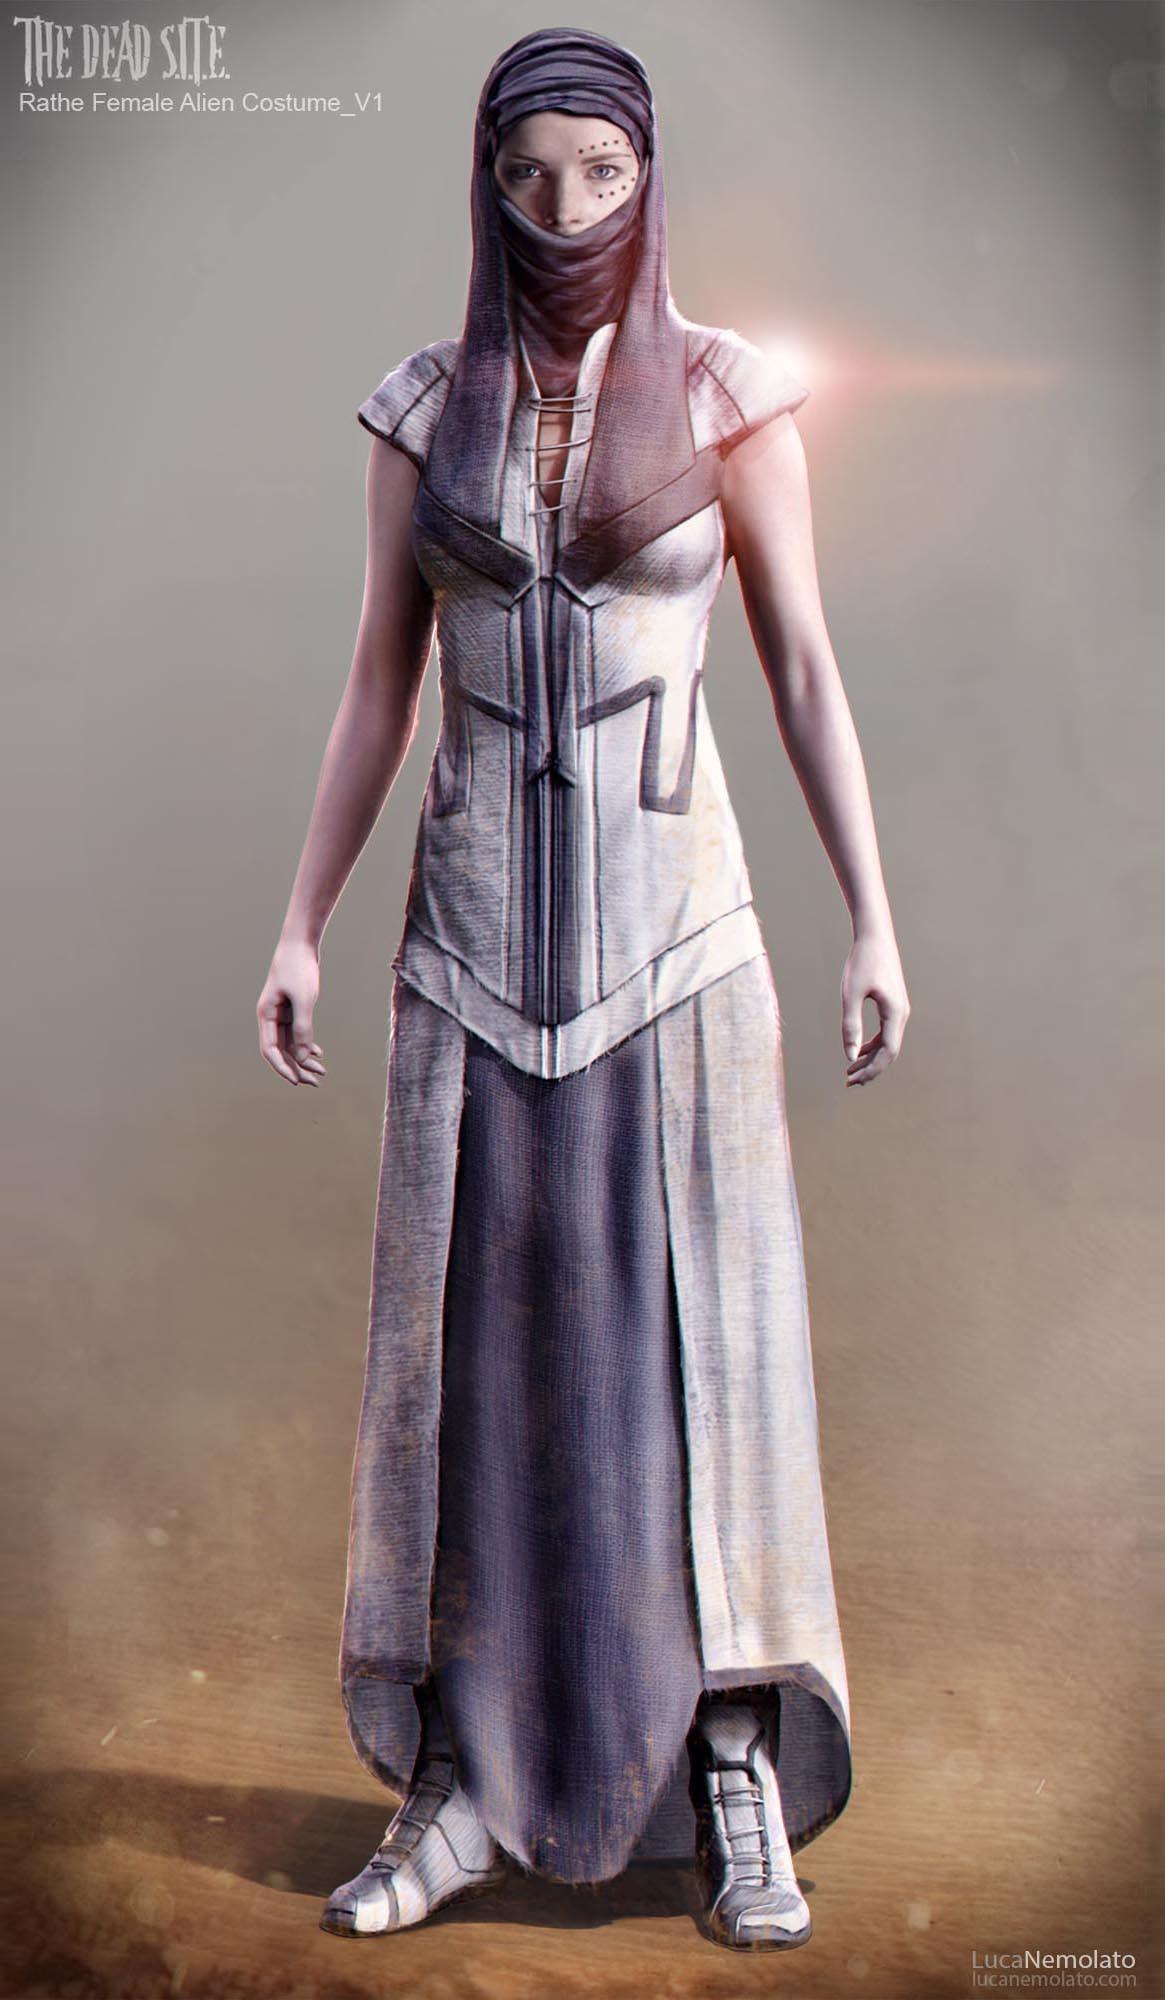 ArtStation - The Dead S.I.T.E. - Rathe Alien Female ...